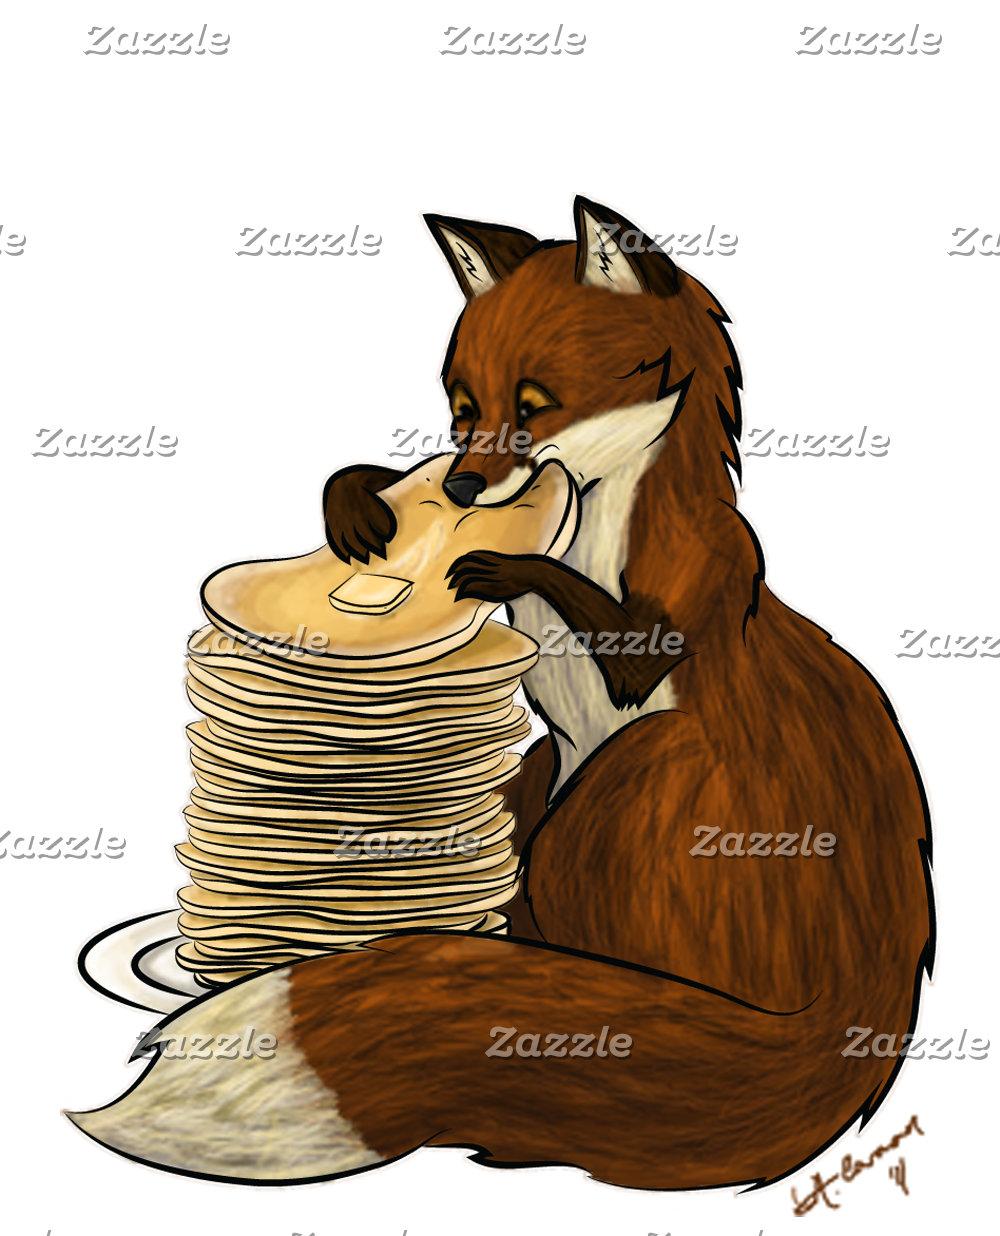 Pancake Fox